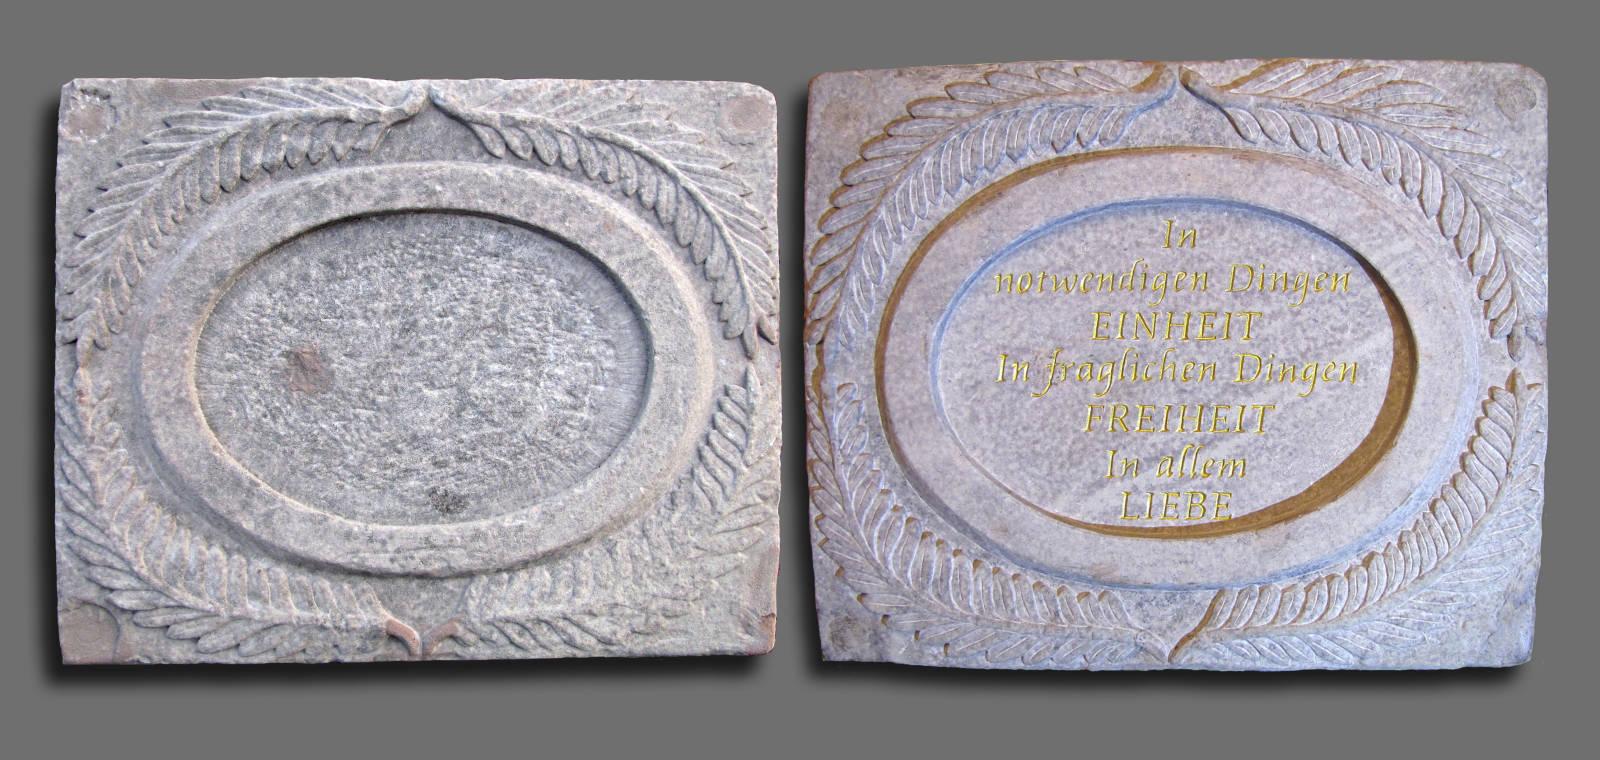 Restaurierung Reliefplatte